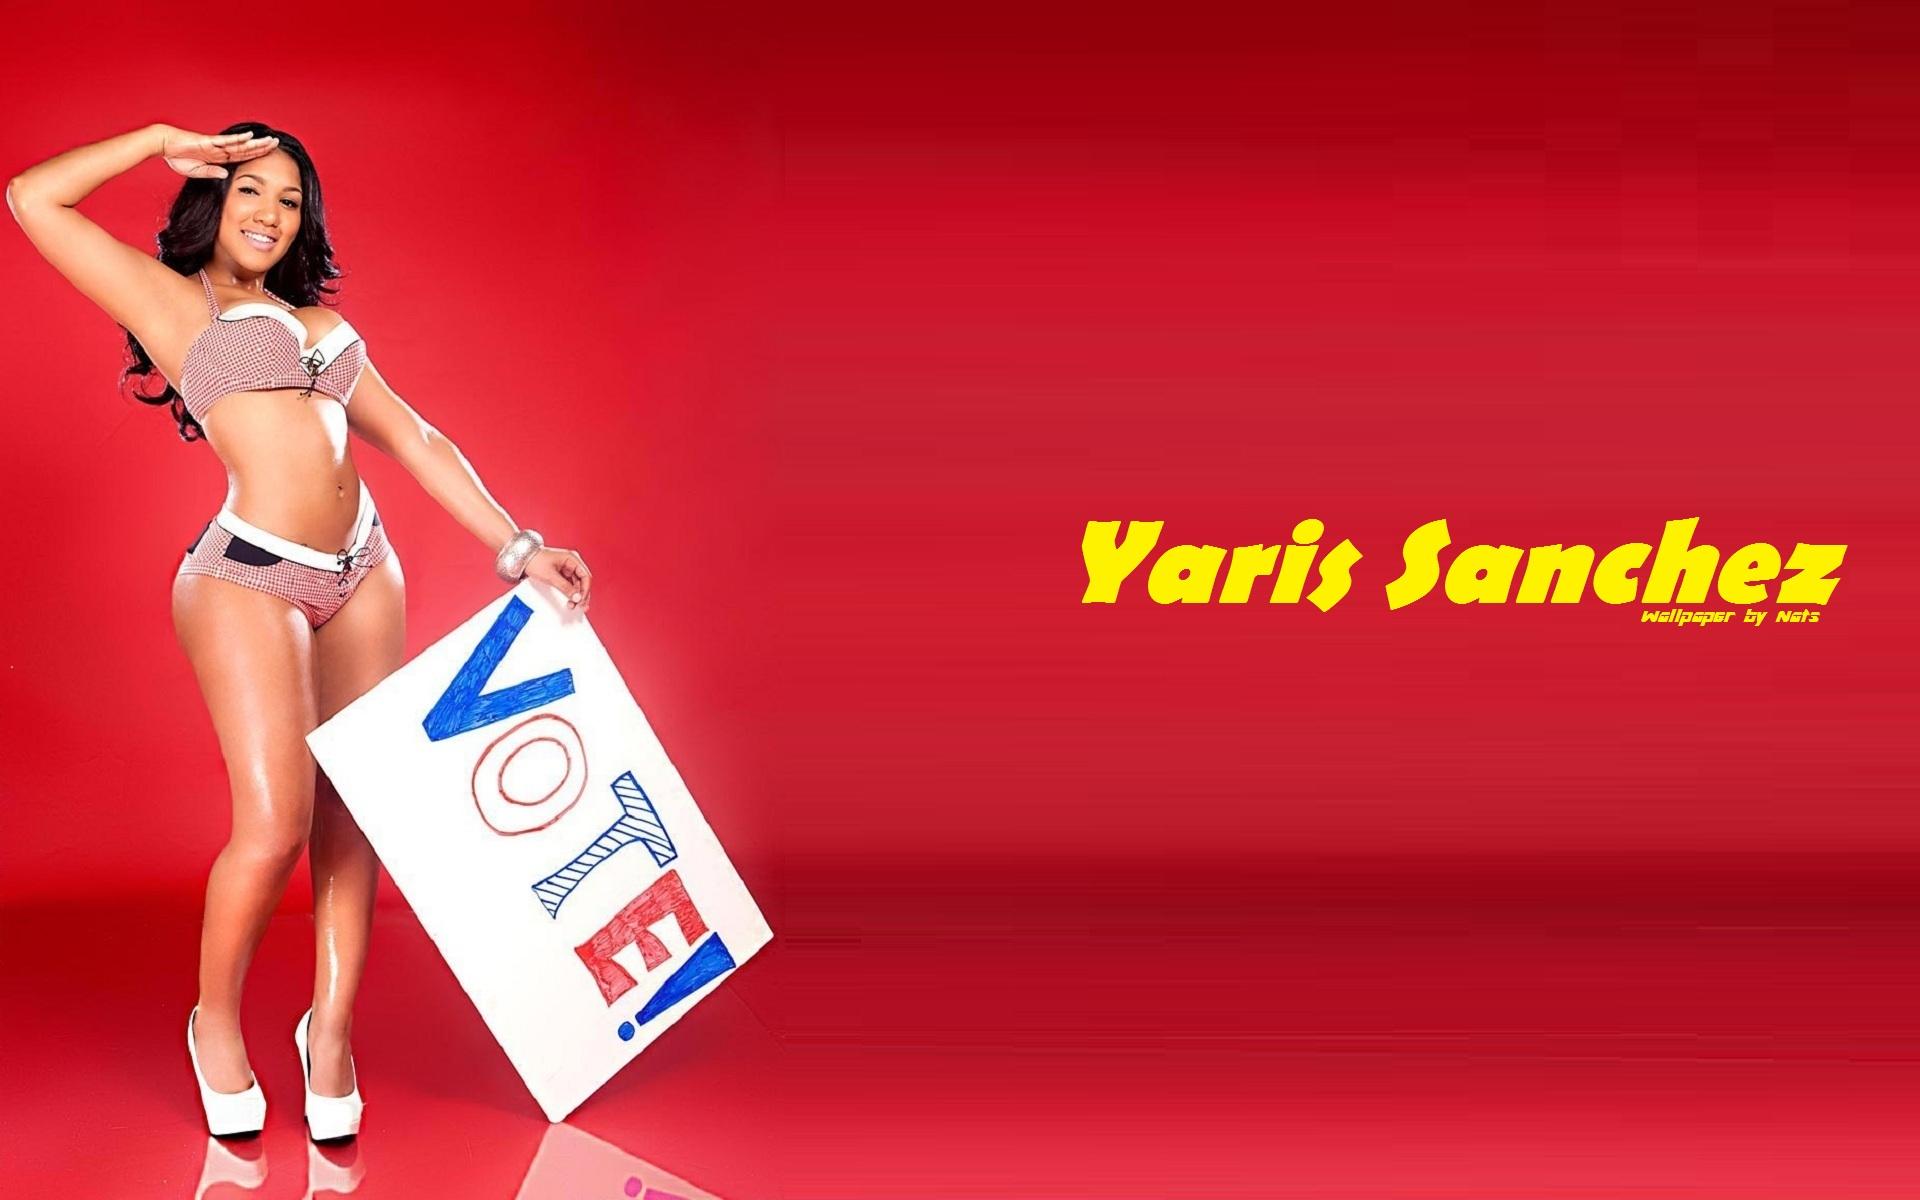 Yaris sanchez lockerz